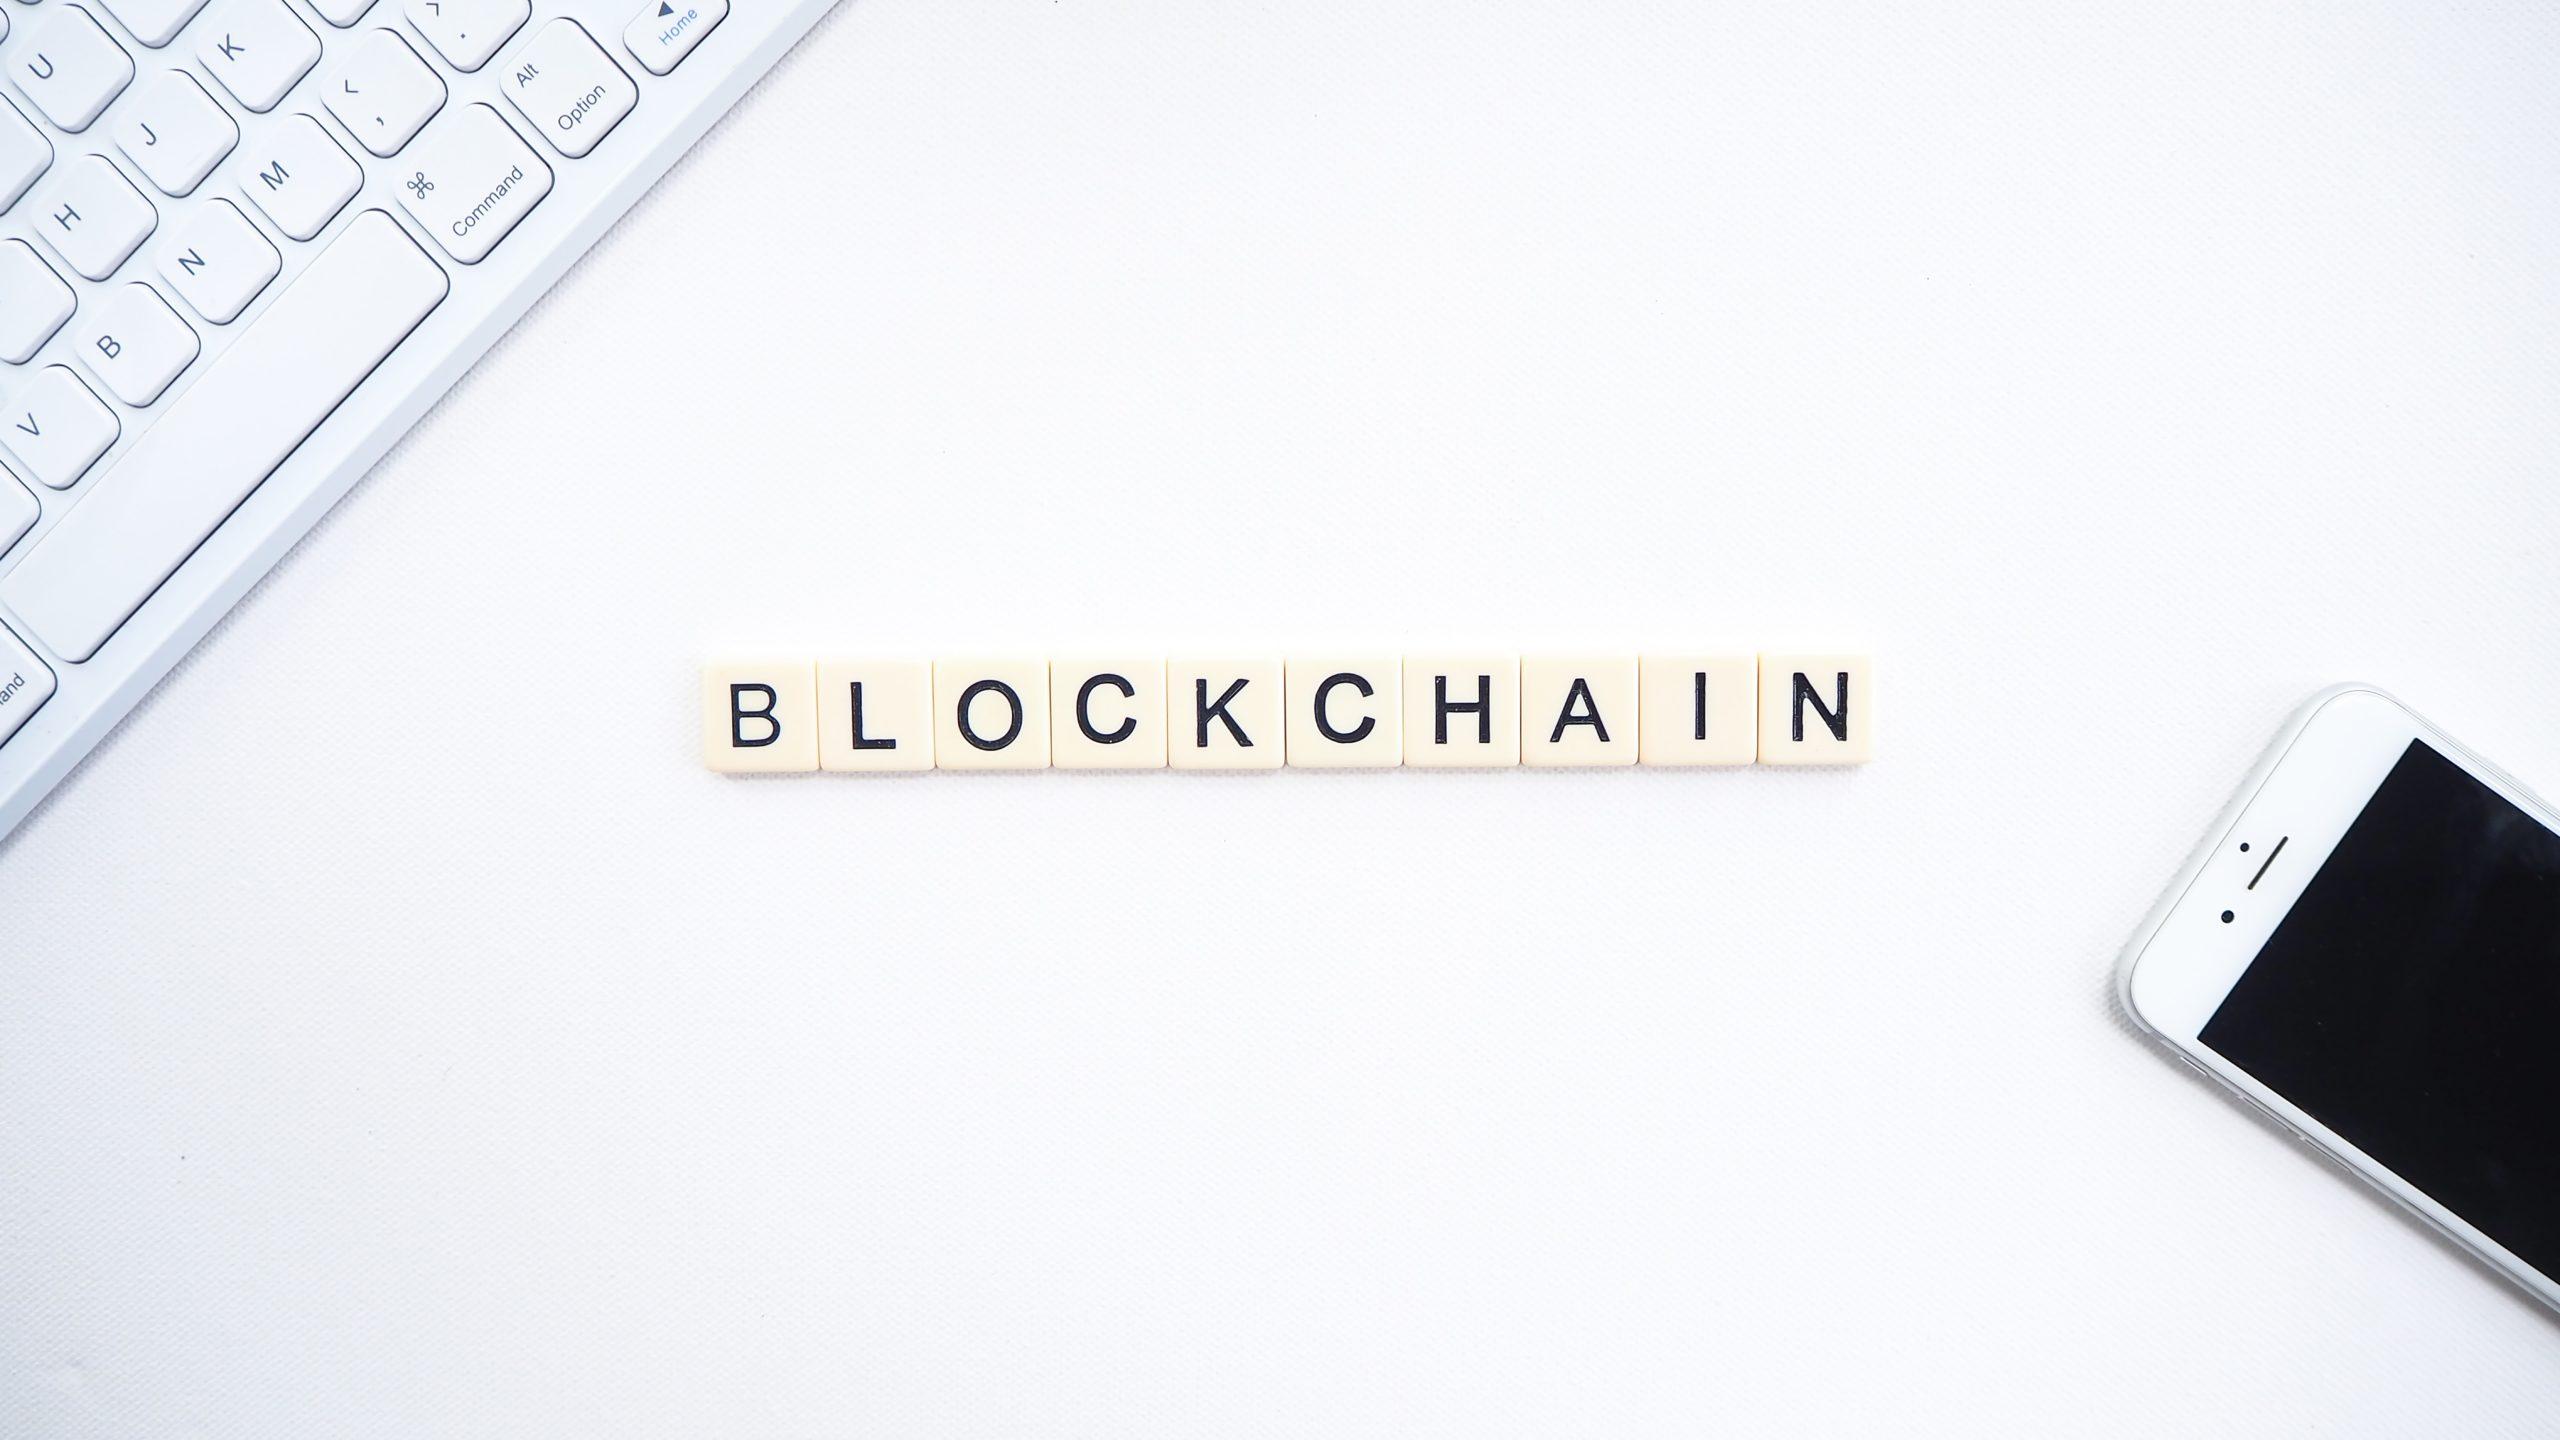 Blockchain obrigatória para certificados digitais no Brasil